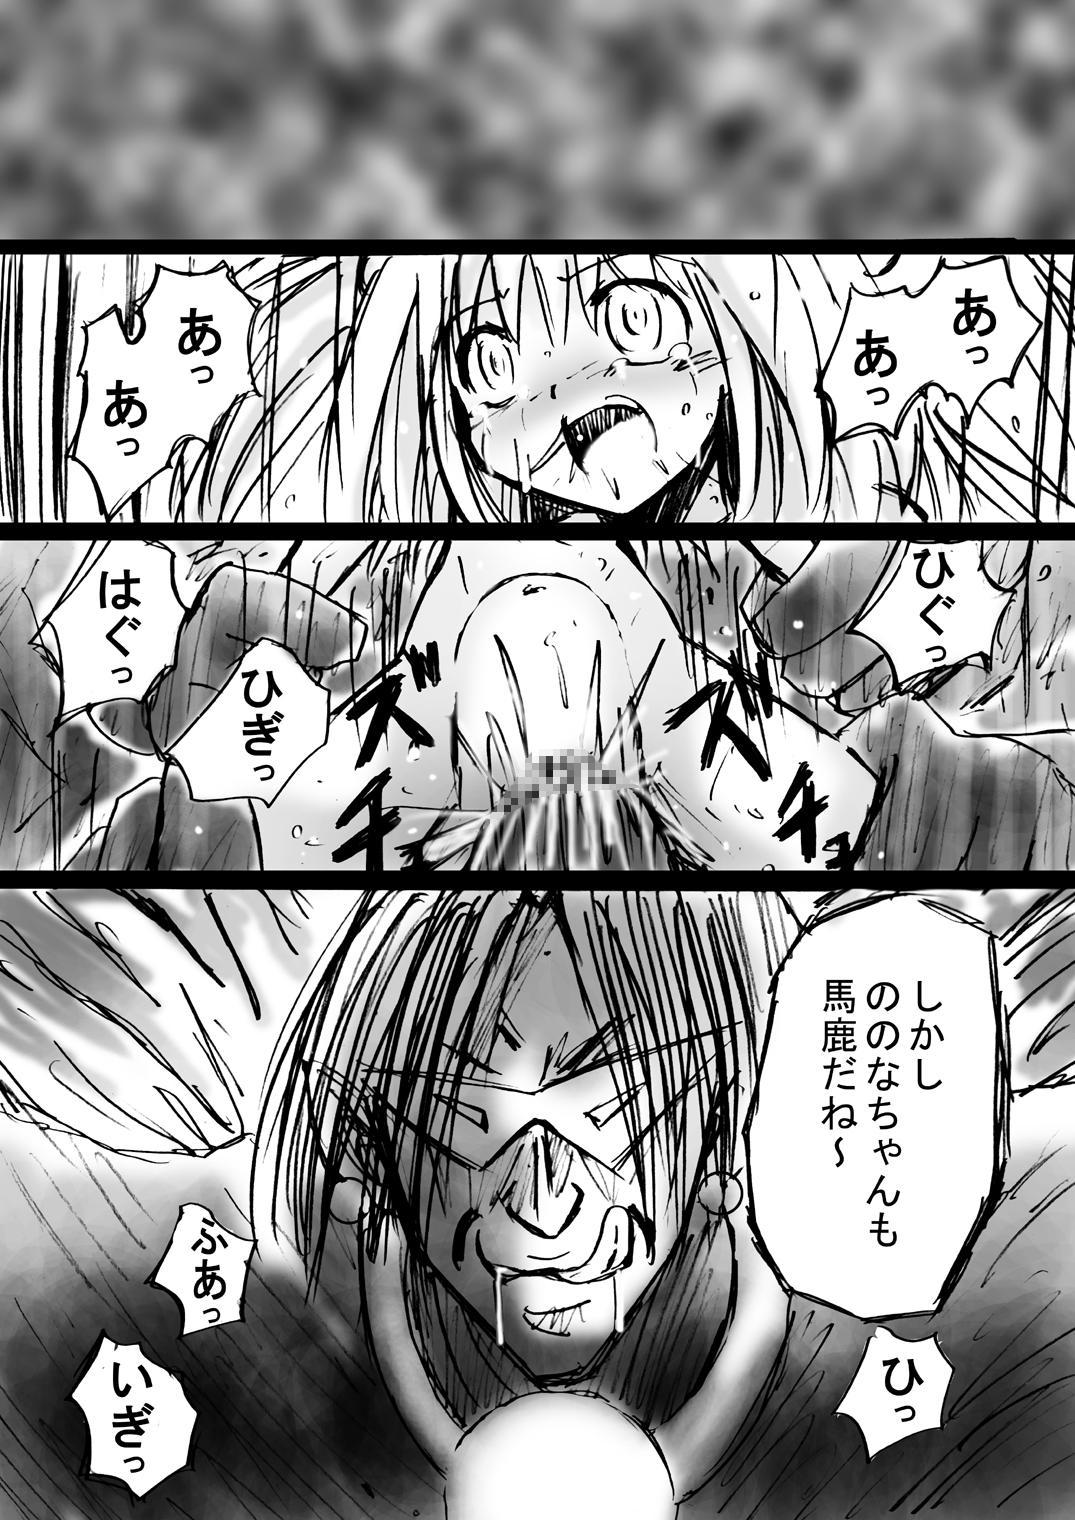 [Dende] Fushigi Sekai -Mystery World- Nonoha 5 ~Jokuma no Kyouniku no Tainai Shinshoku~ 138